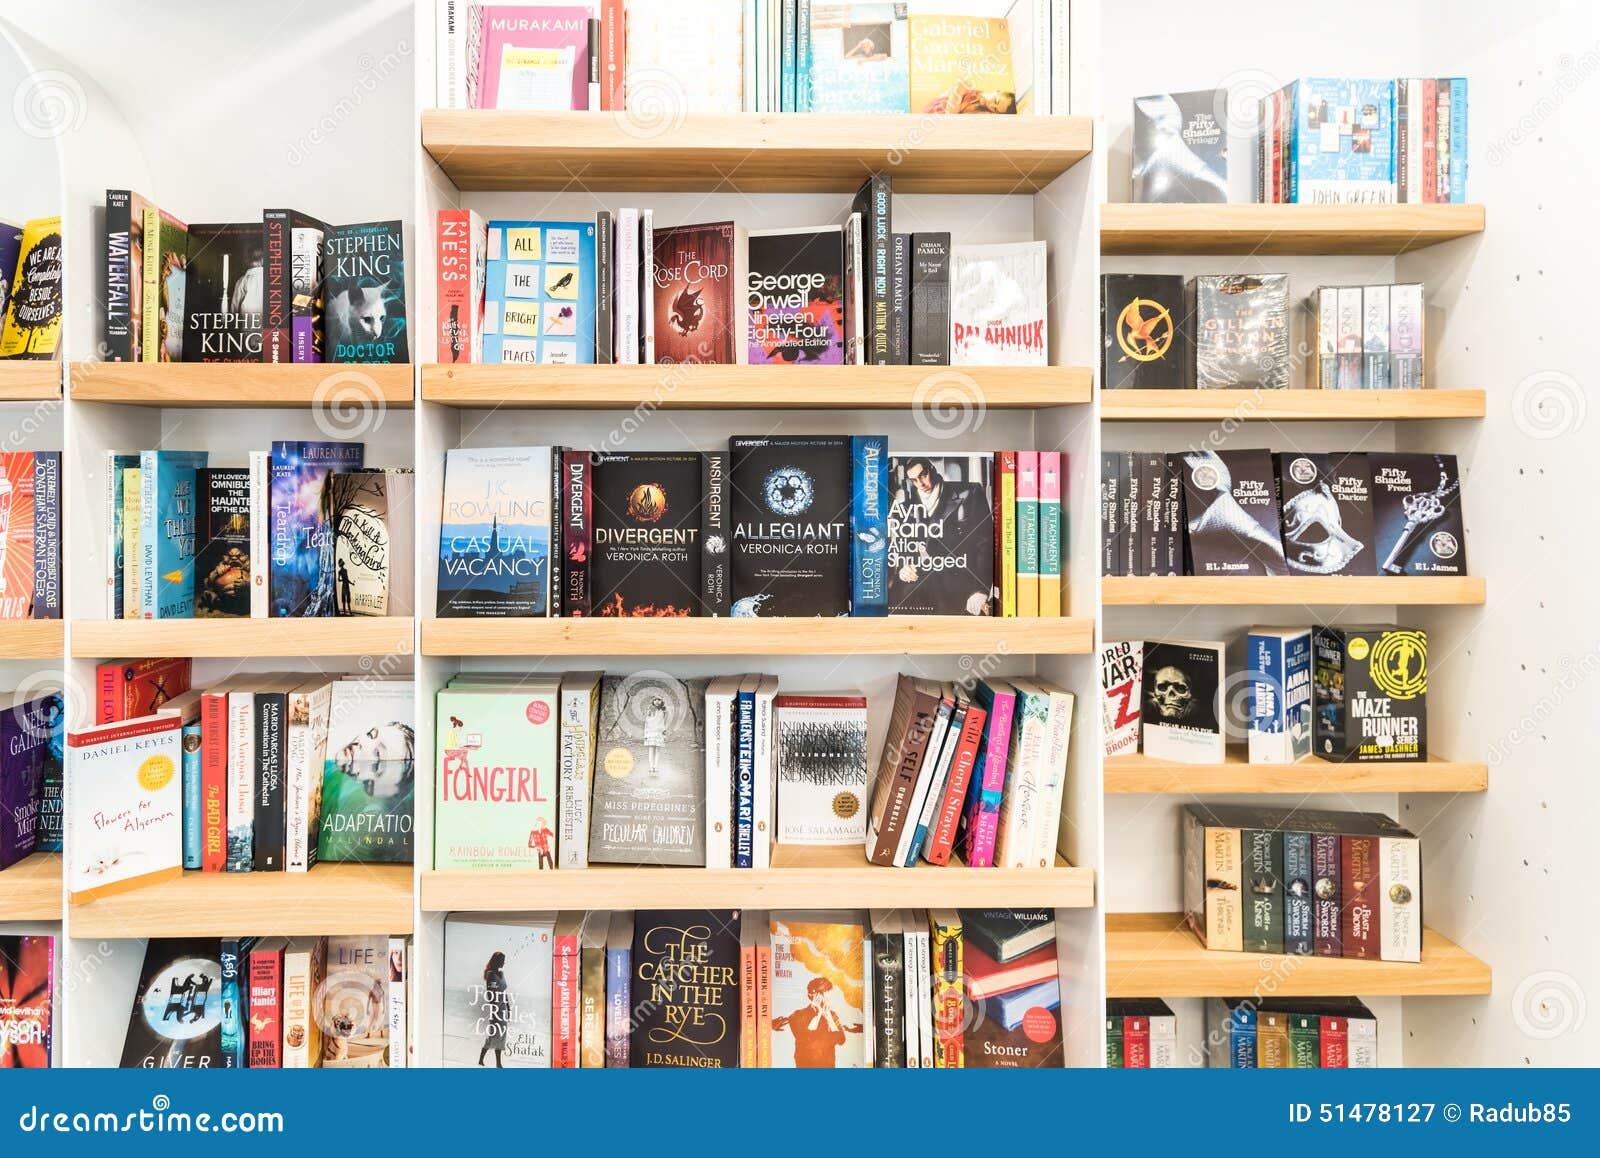 Bestseller-Bücher für Verkauf auf Bibliotheks-Regal